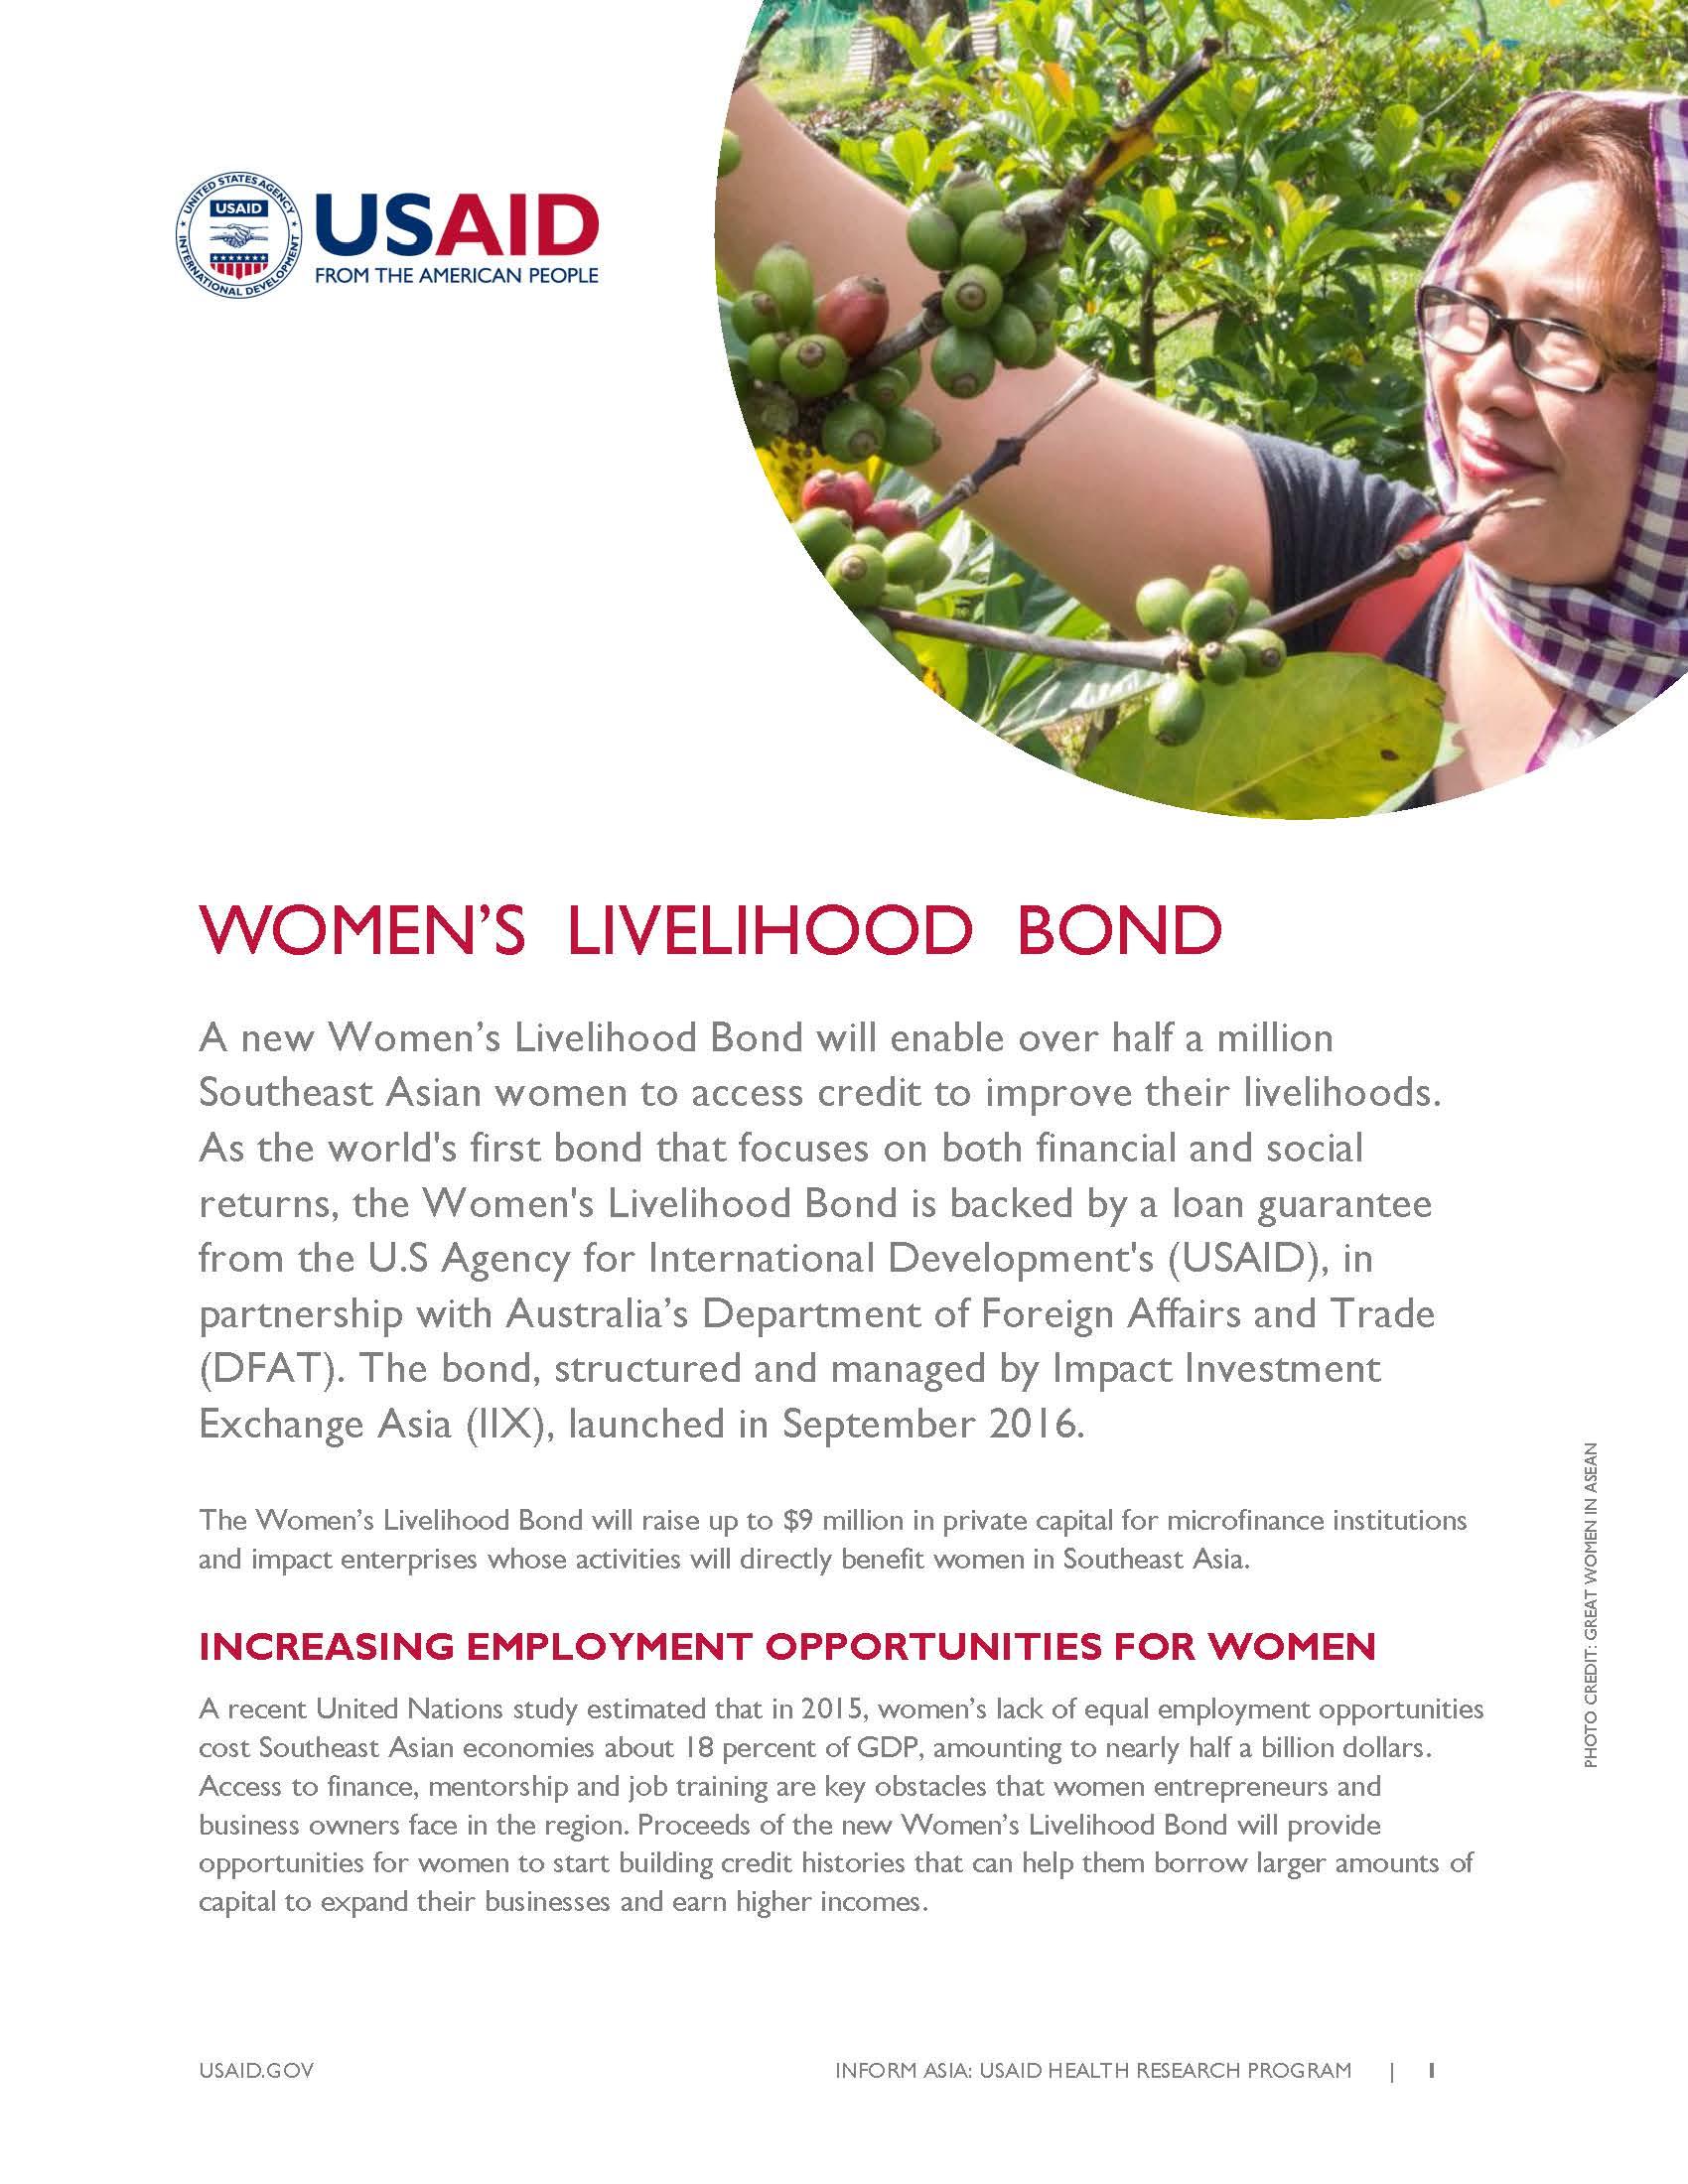 Women's Livelihood Bond_May 2017